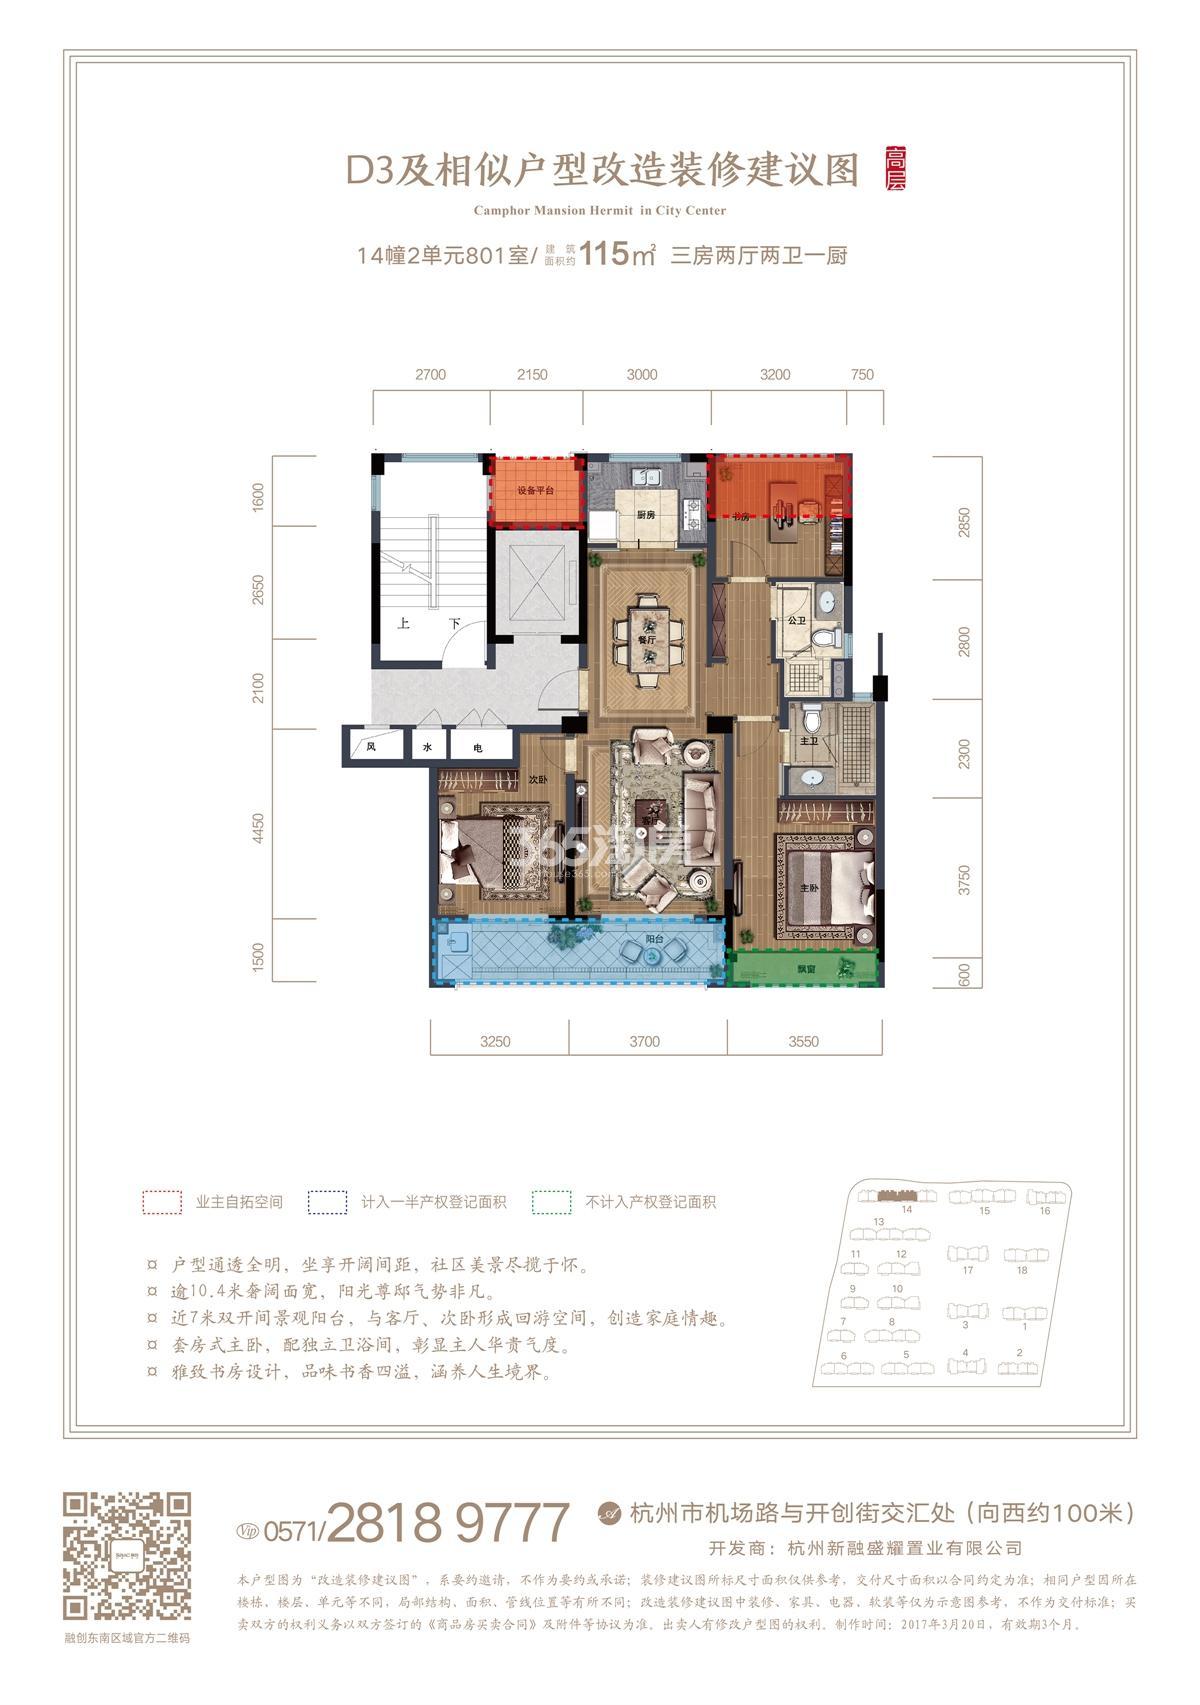 融创玖樟台D3户型图115方高层(14号楼)